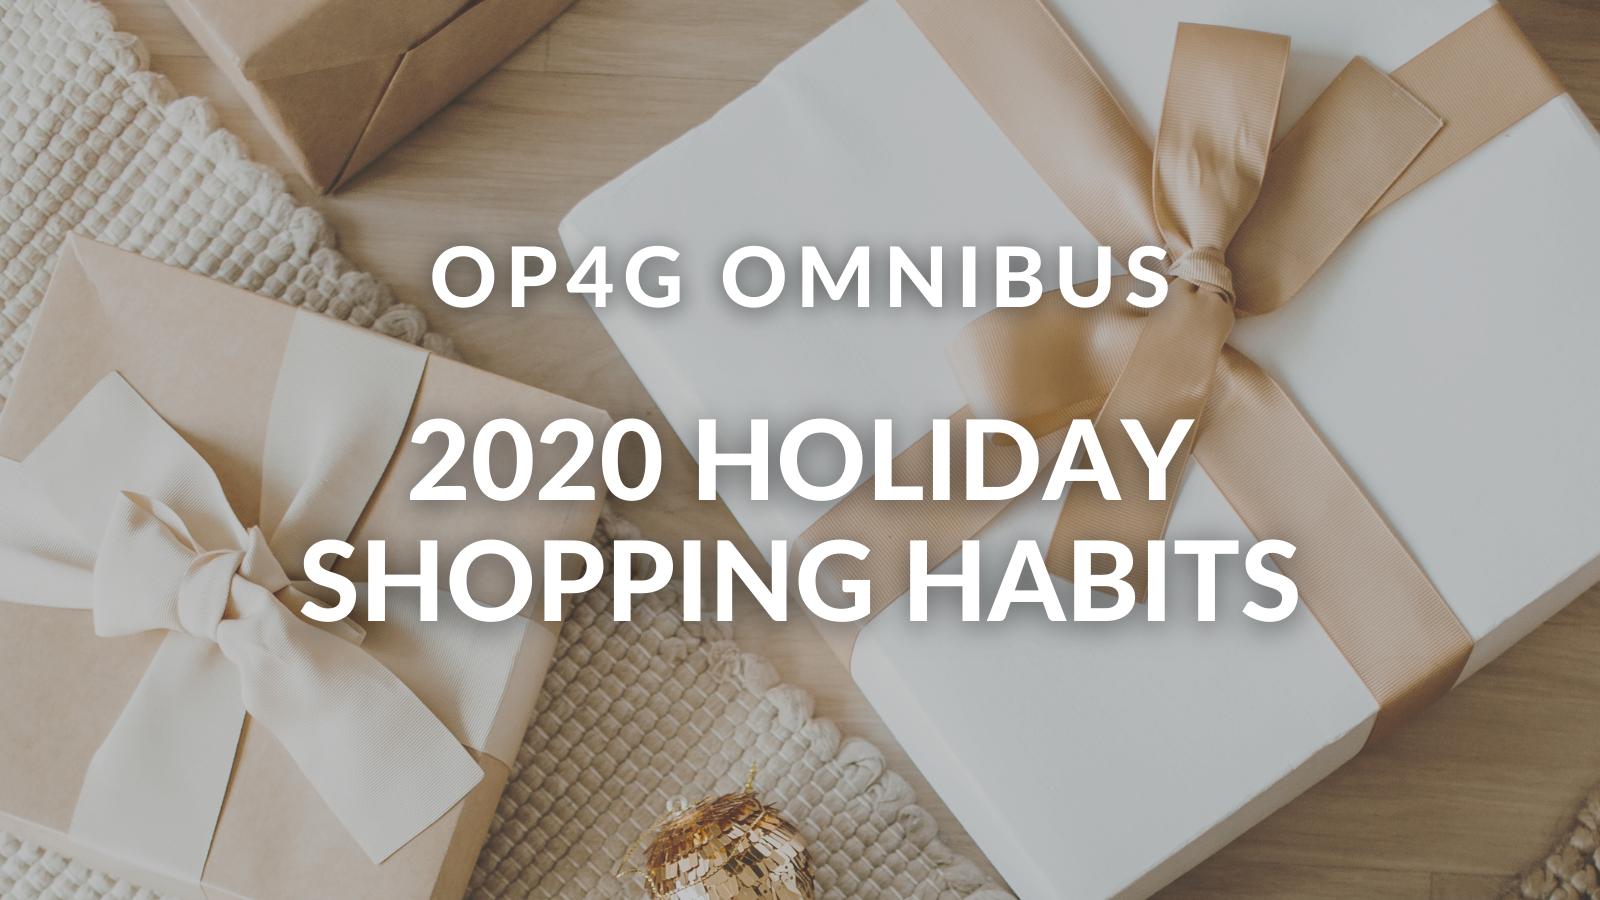 HolidayShoppingHabitsOmnibus_Op4G